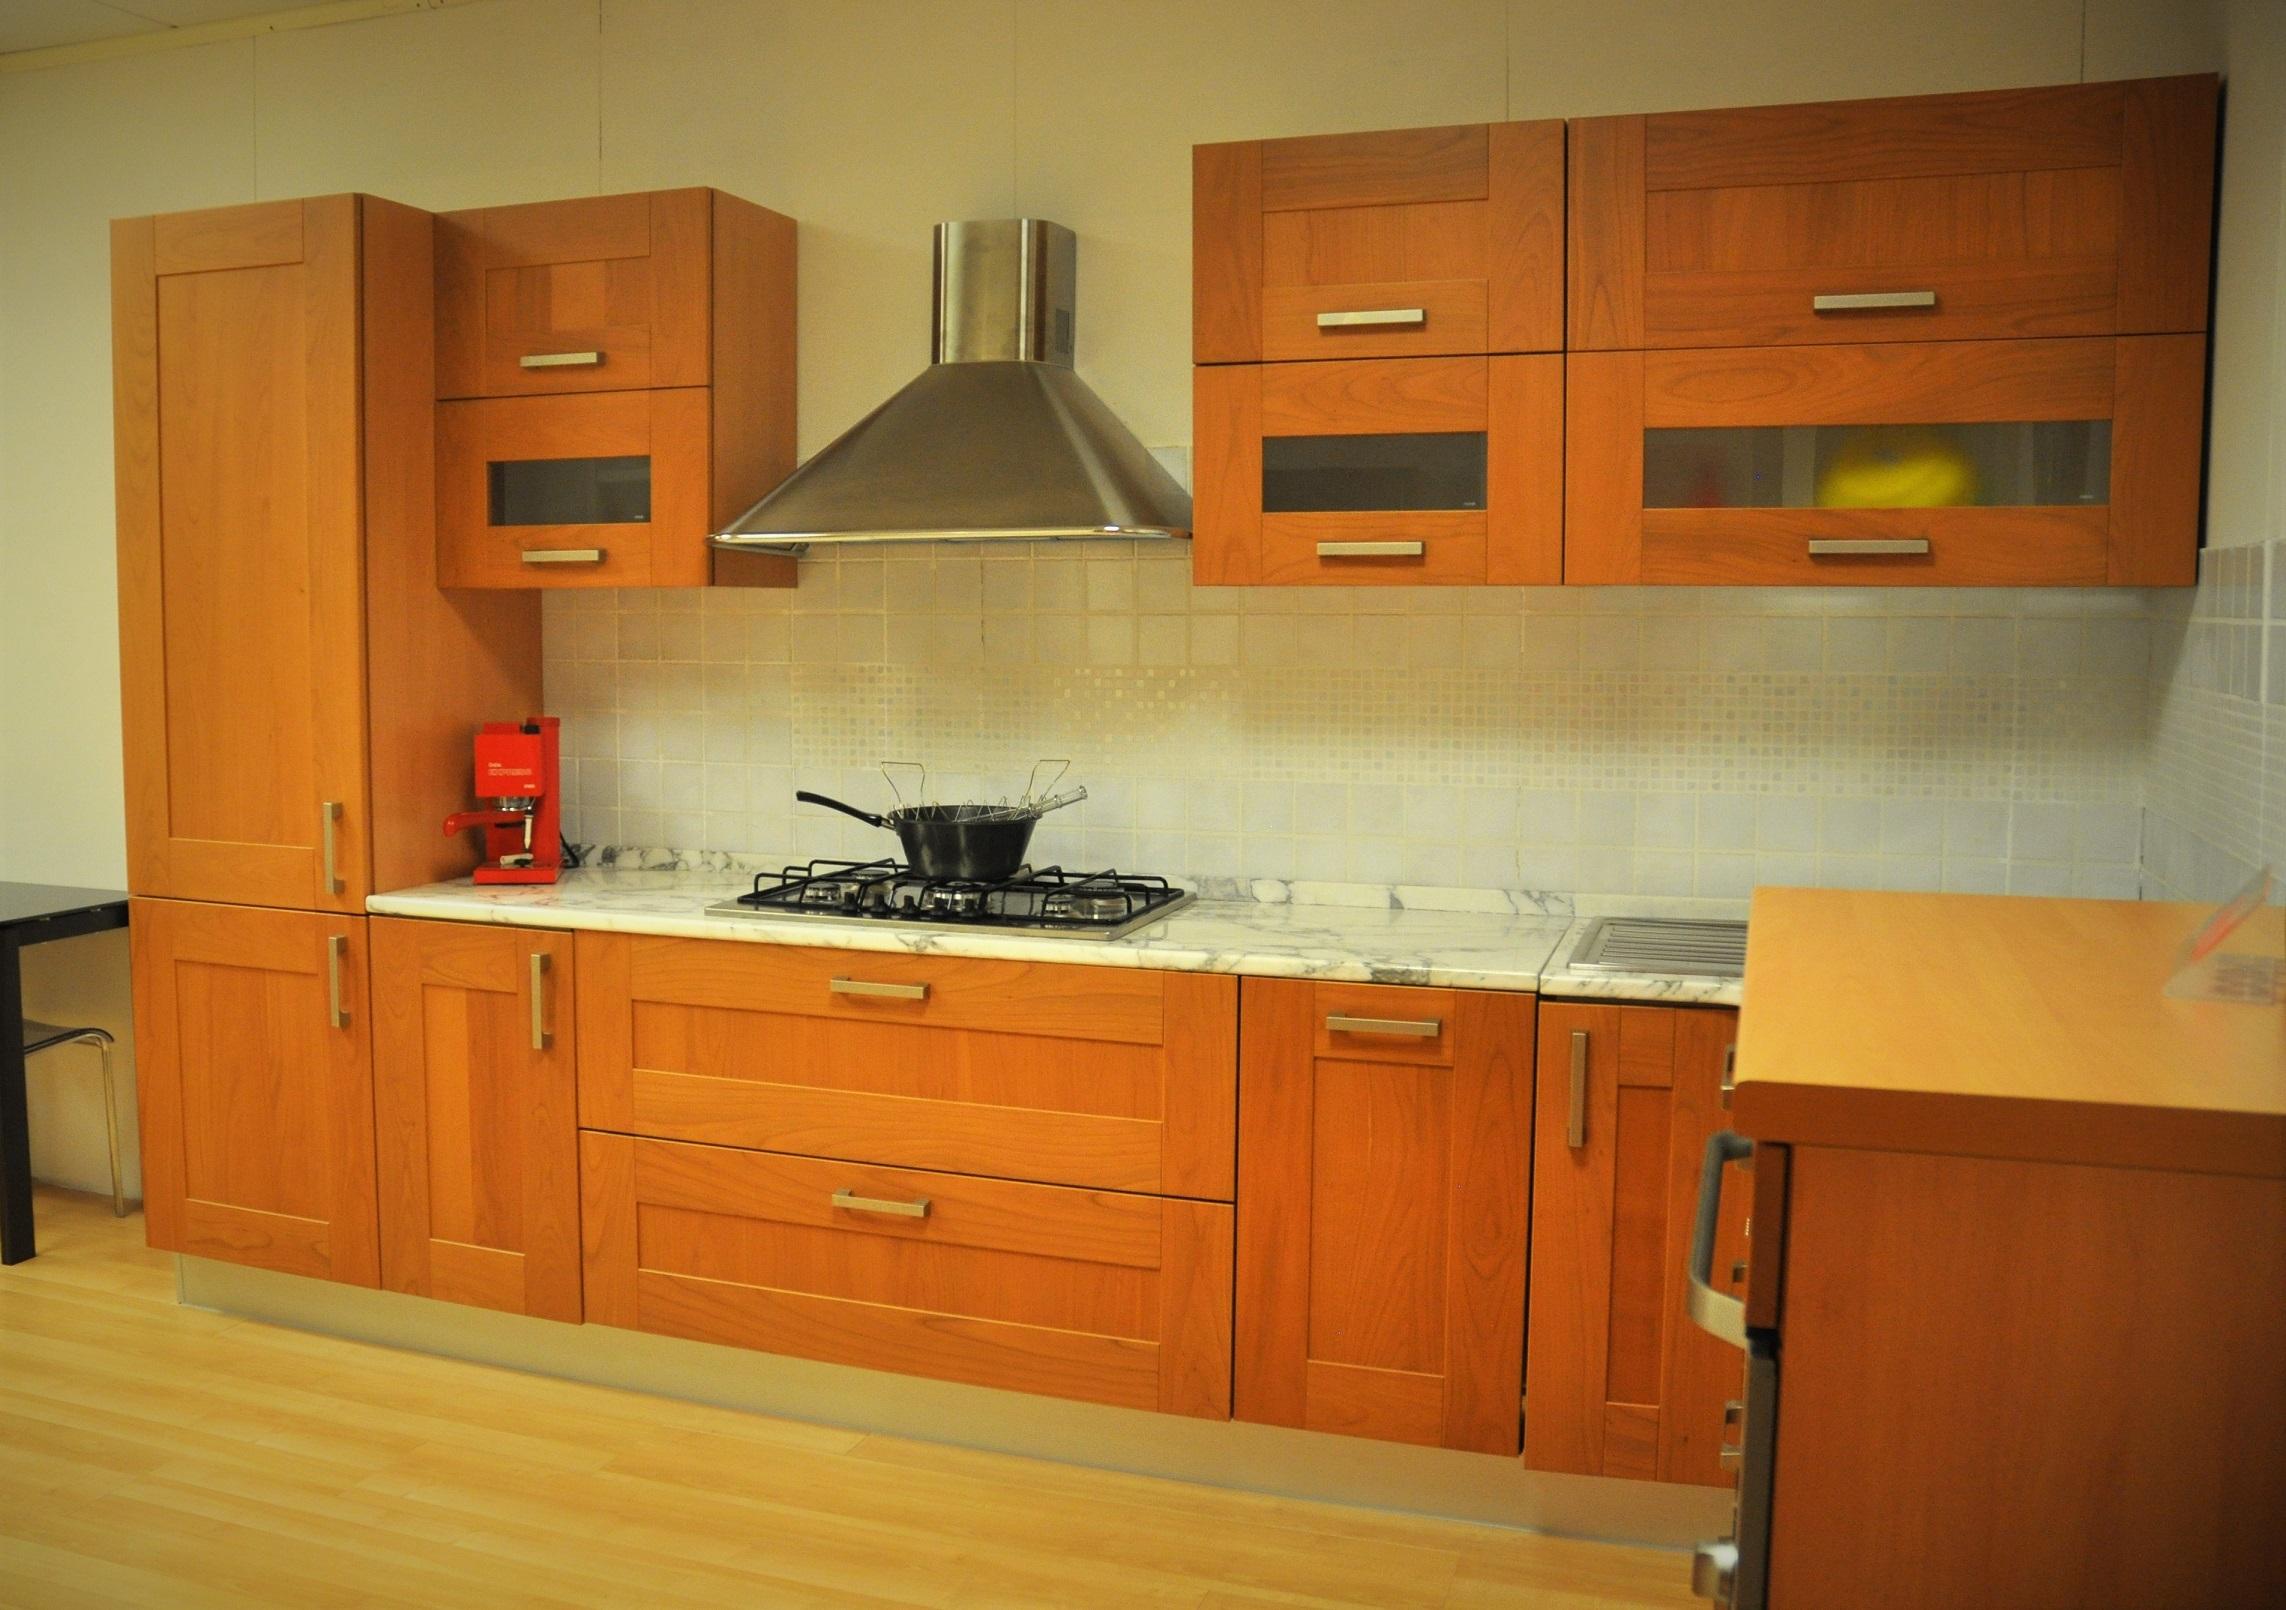 Mixer Cucina Prezzi ~ Idea del Concetto di Interior Design, Mobili e ...